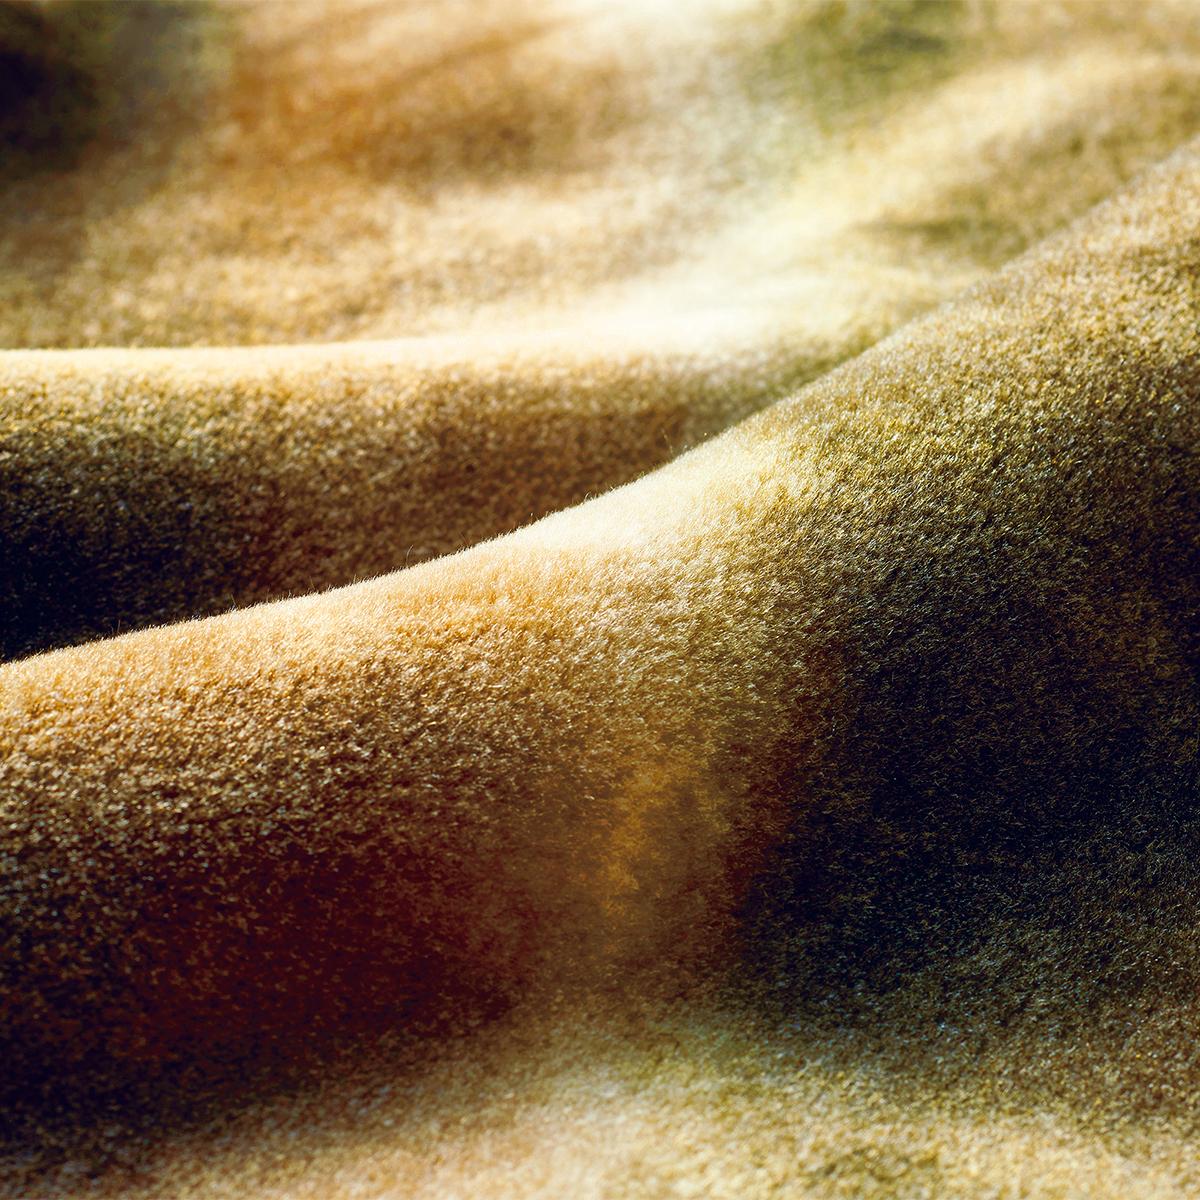 包まれた瞬間から、ジワジワ暖かい。暖かさはもう当たり前、軽さとなめらかさも実現した「掛け毛布・敷き毛布」|CALDONIDO NOTTE(カルドニード ノッテ)